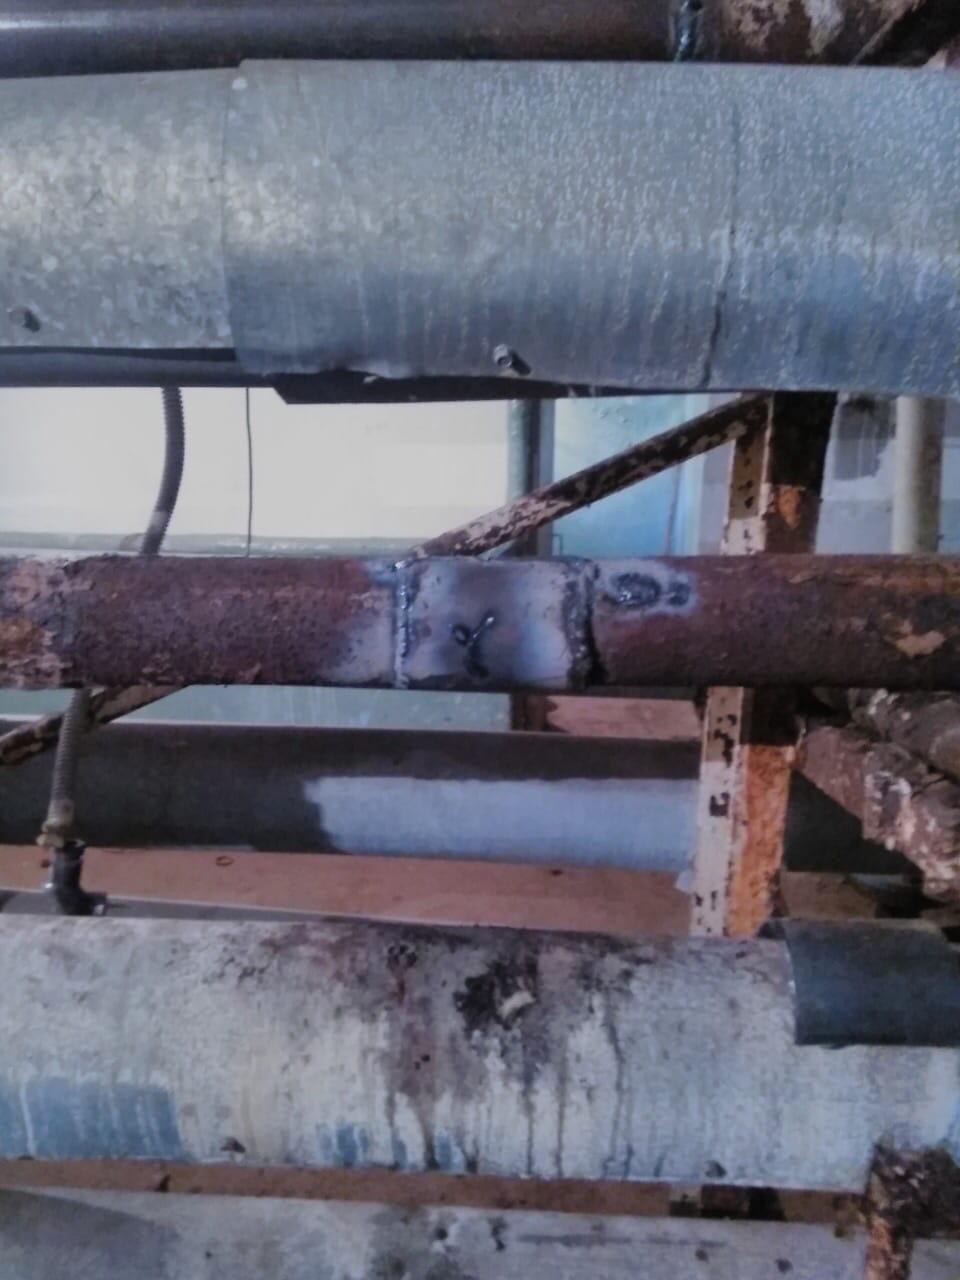 Менделеева 7 ремонт бойлера и замена участка